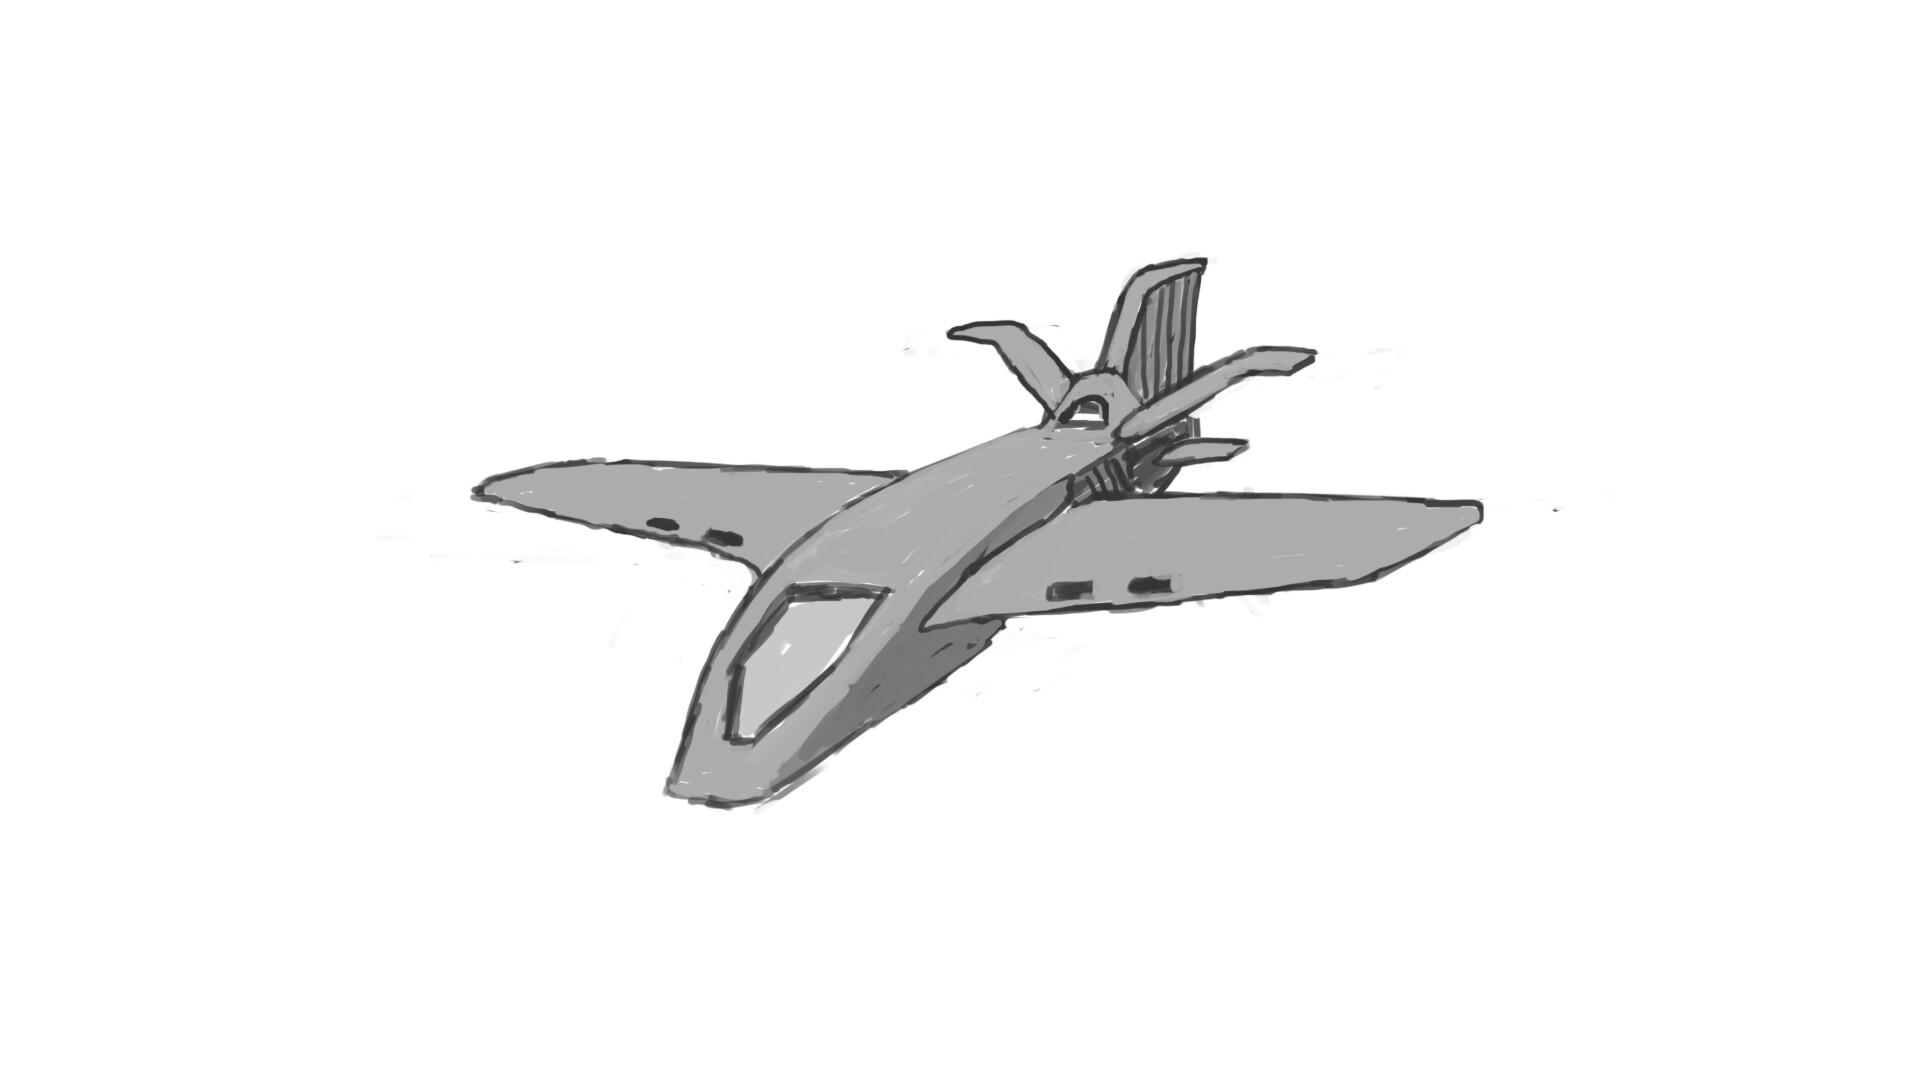 Alexander laheij drawing10 83